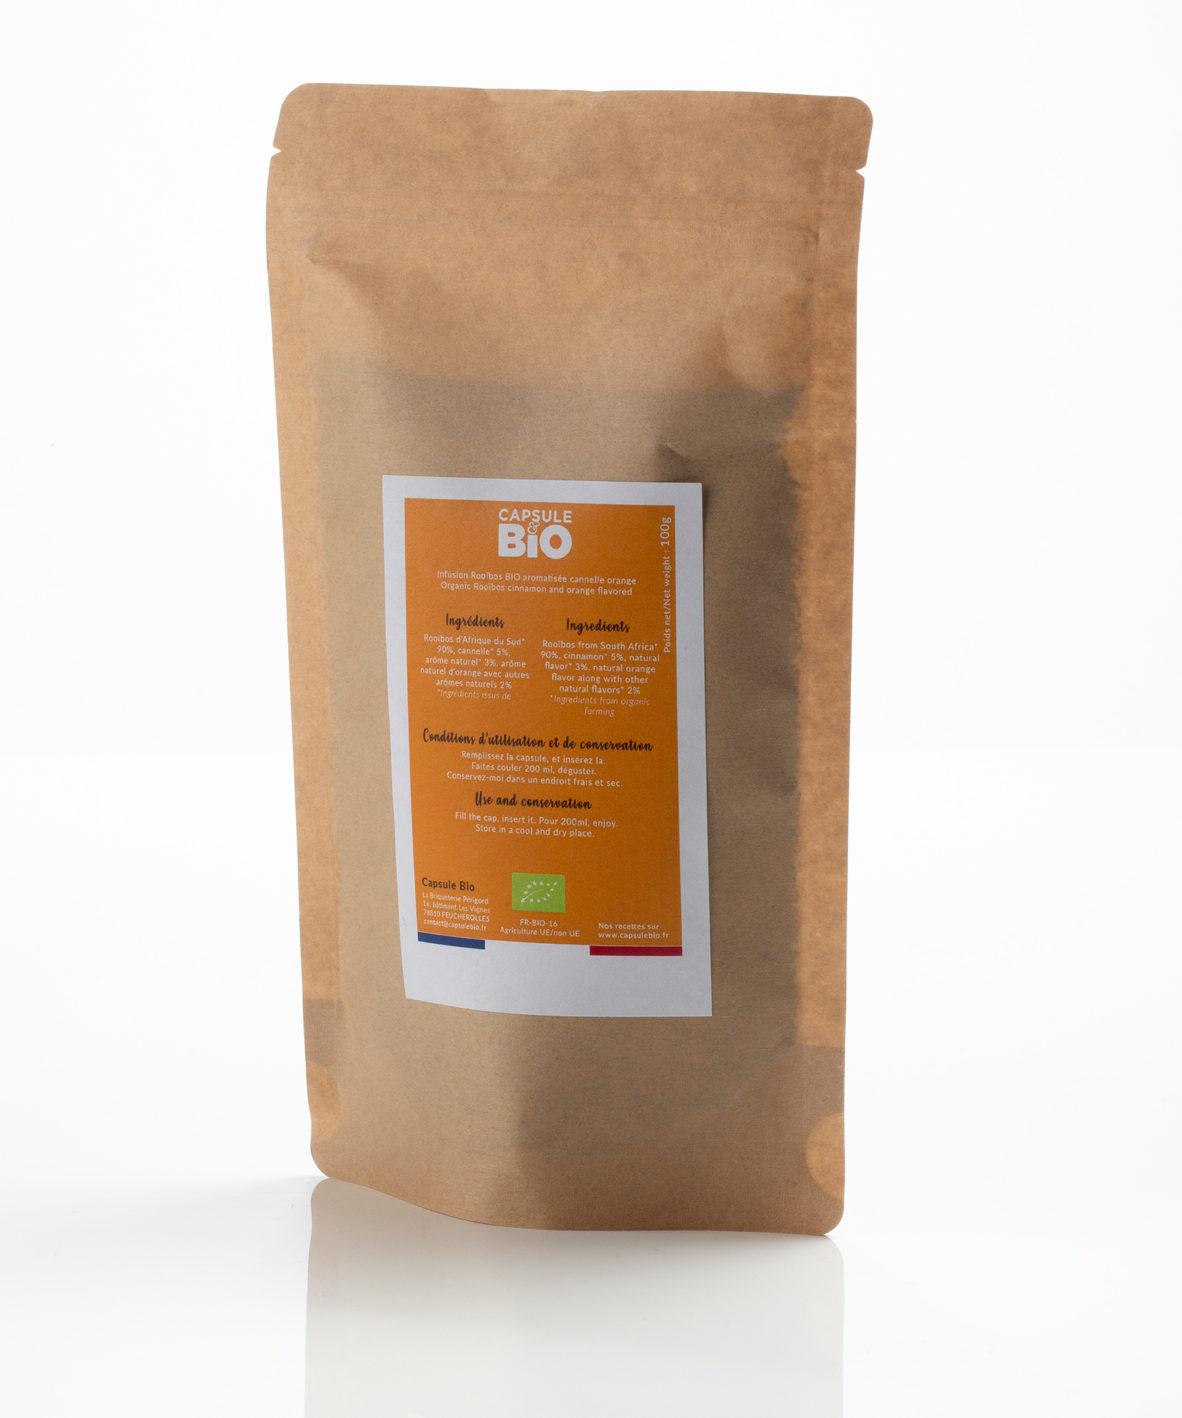 Capsulebio sachet infusion en vrac recette rooibos orange cannelle bio